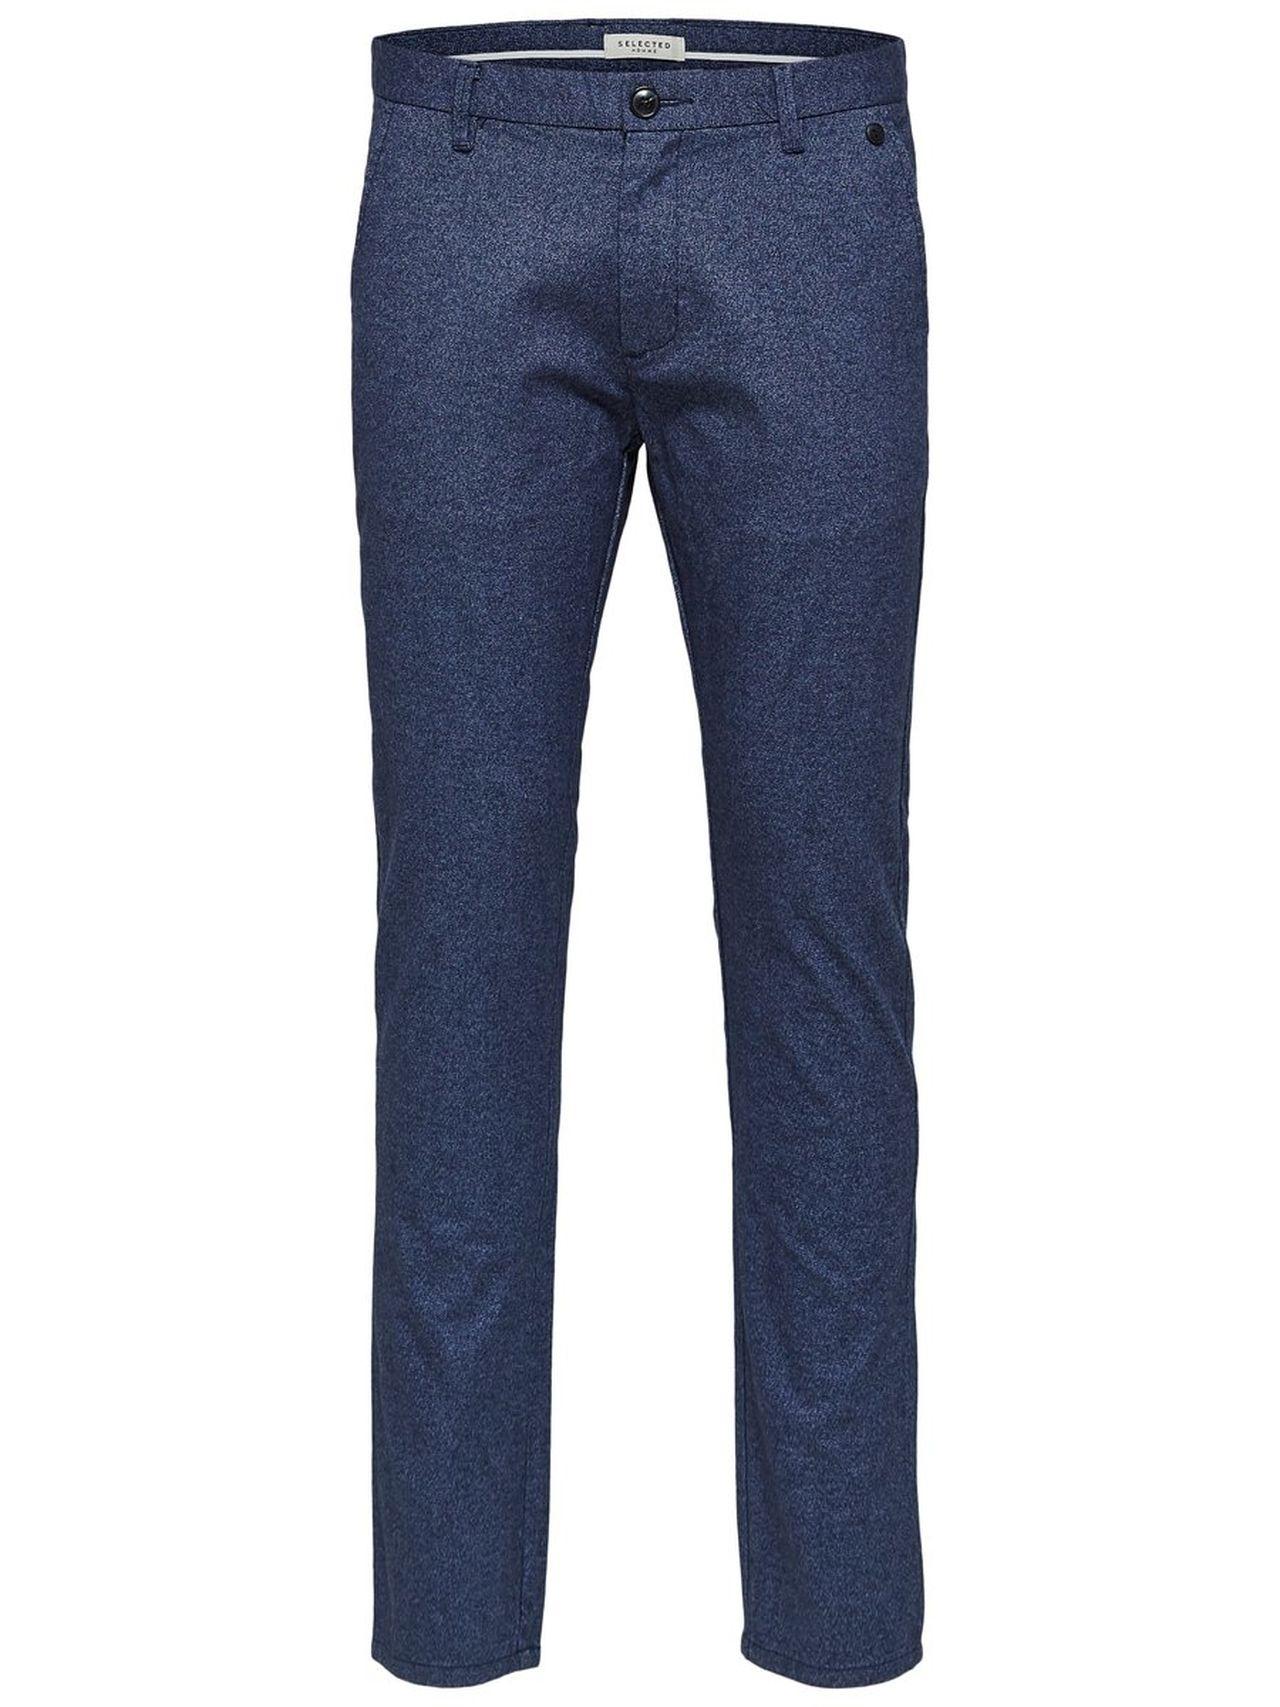 SELECTED Slim Fit – Trousers Man Blå